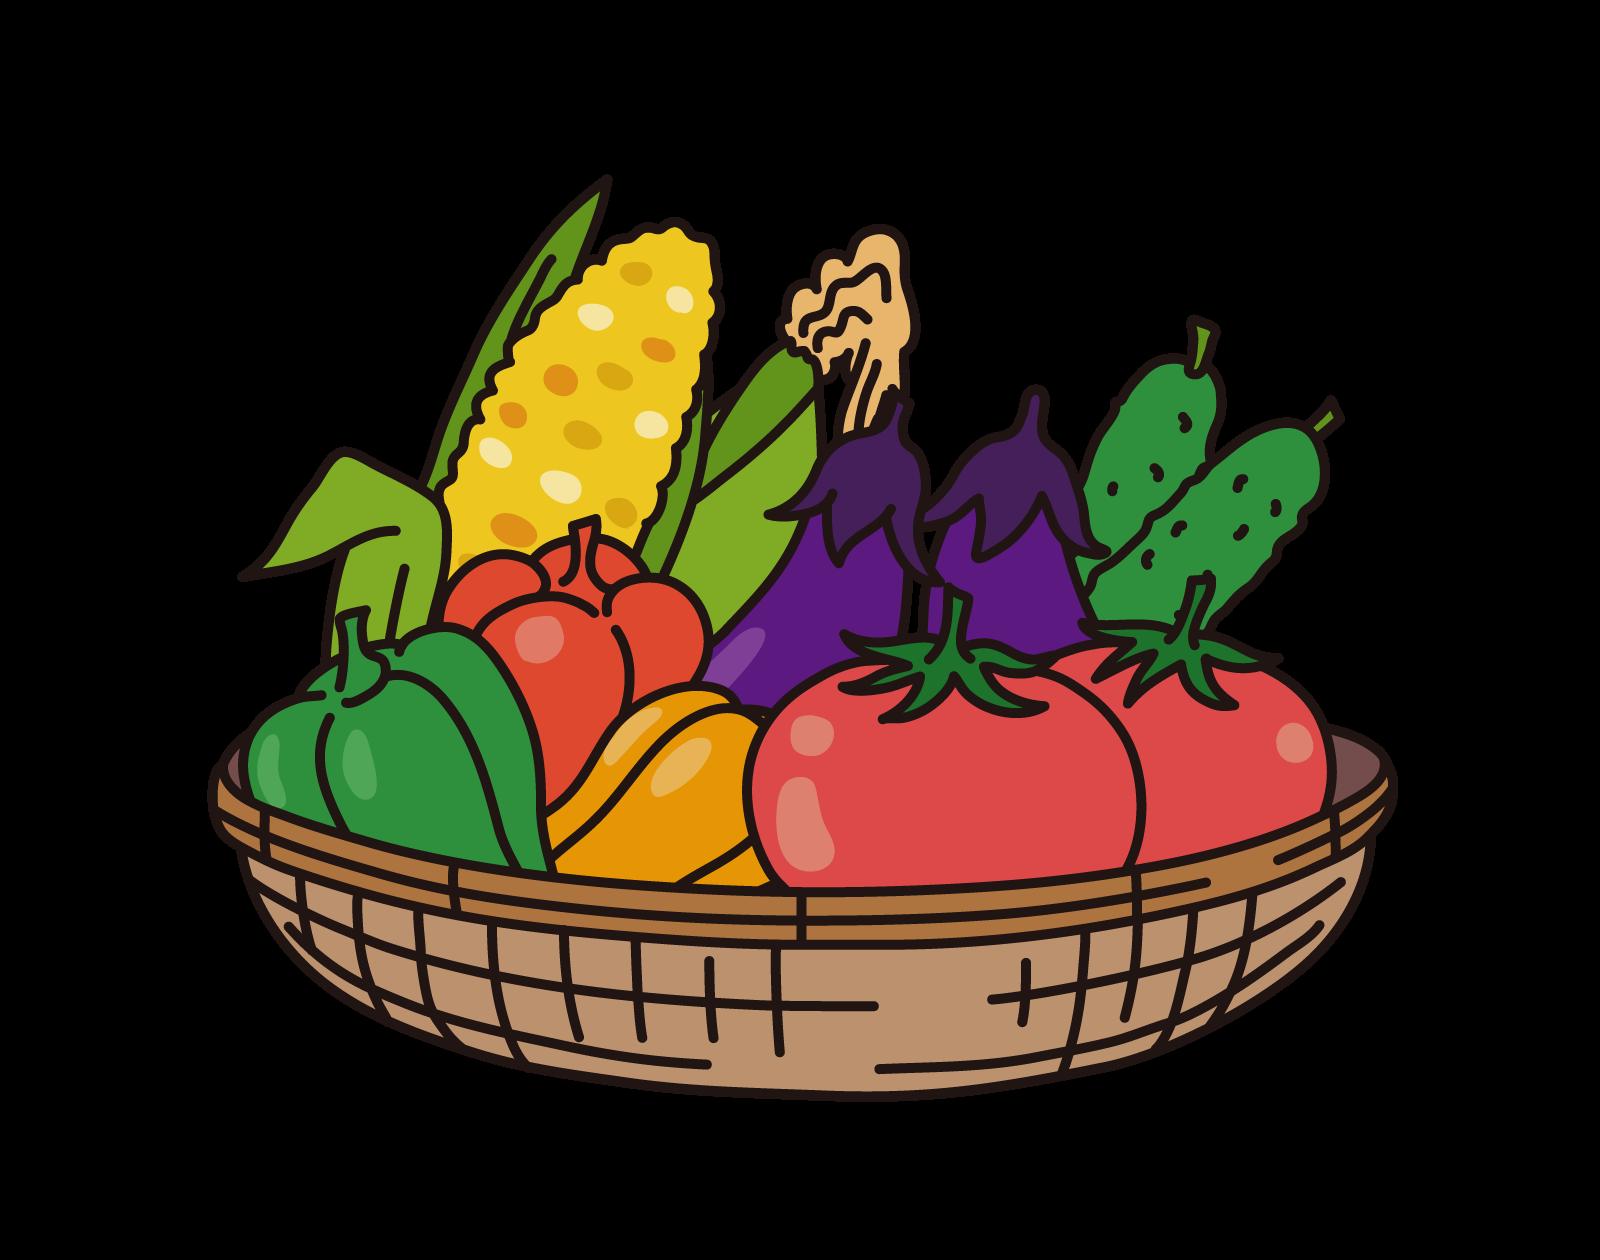 夏野菜 – 無料で使える、フリーイラストWEBサイト「かくすた」